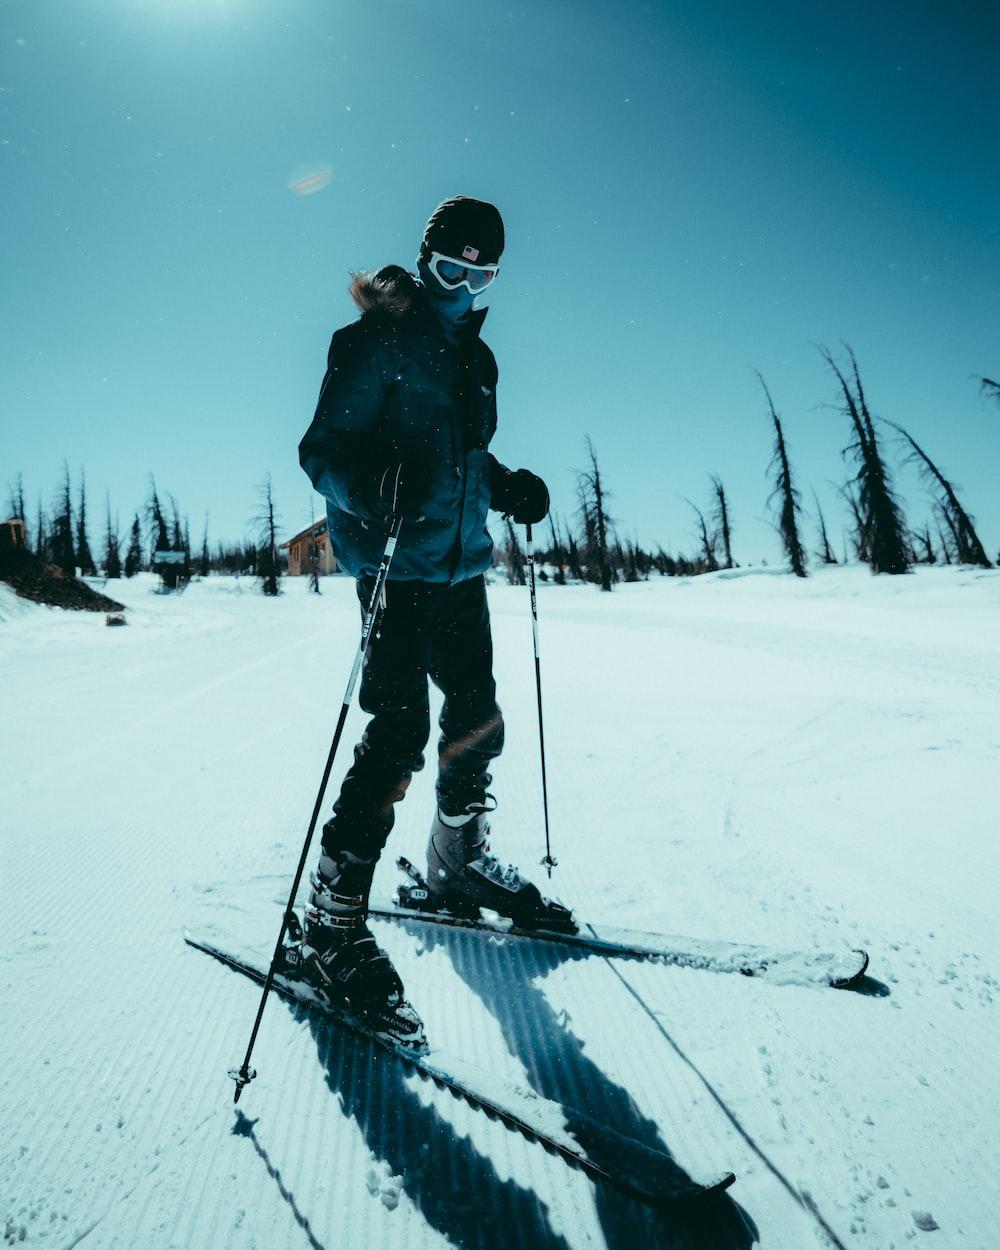 man in ski suit